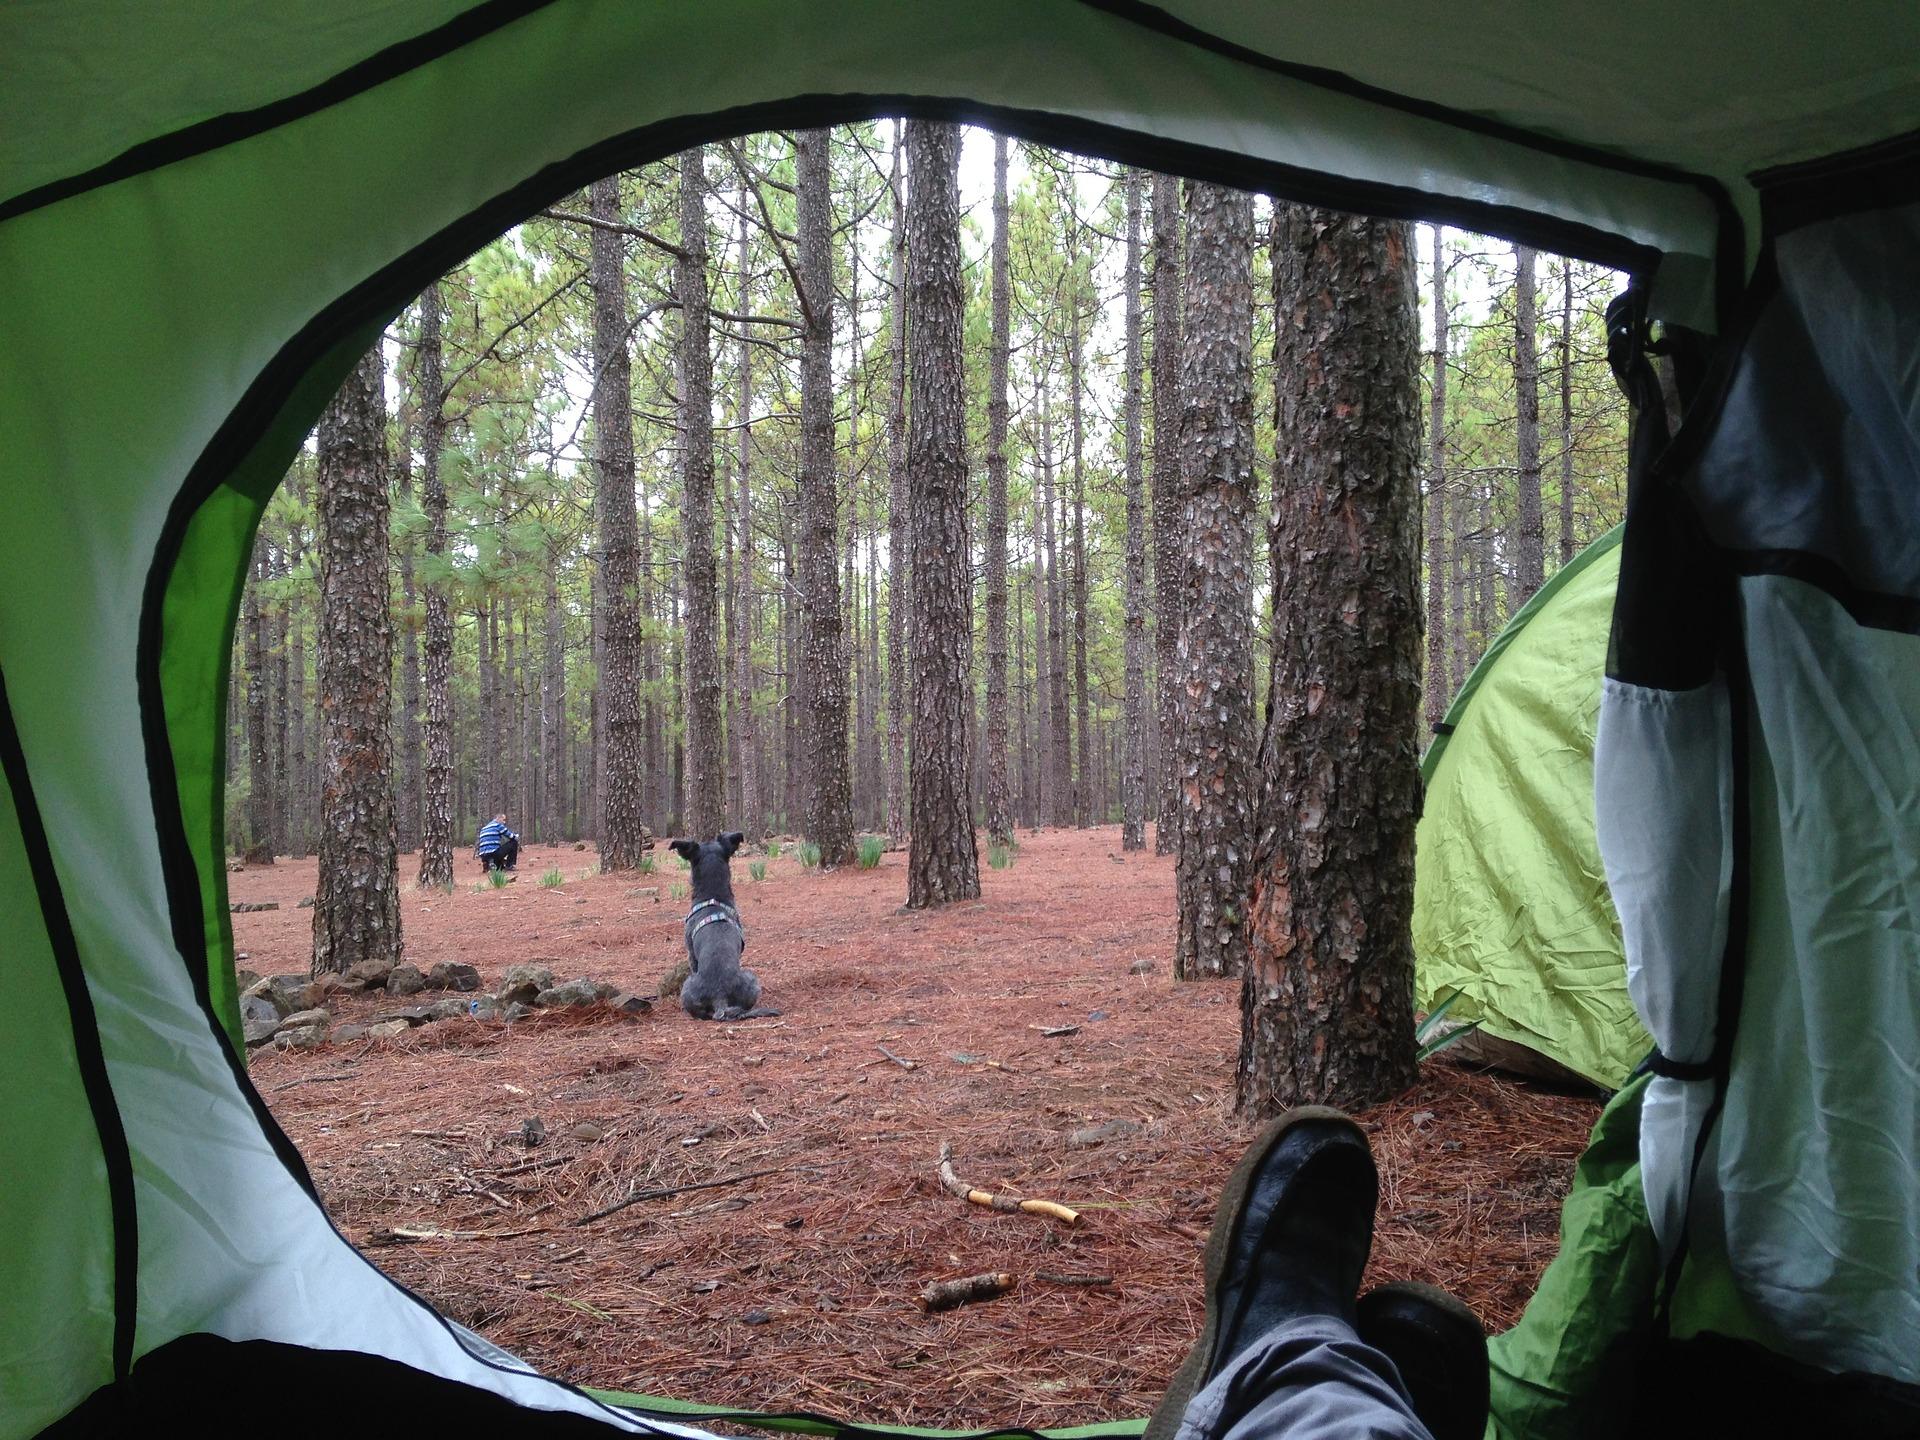 camping-1035272_1920